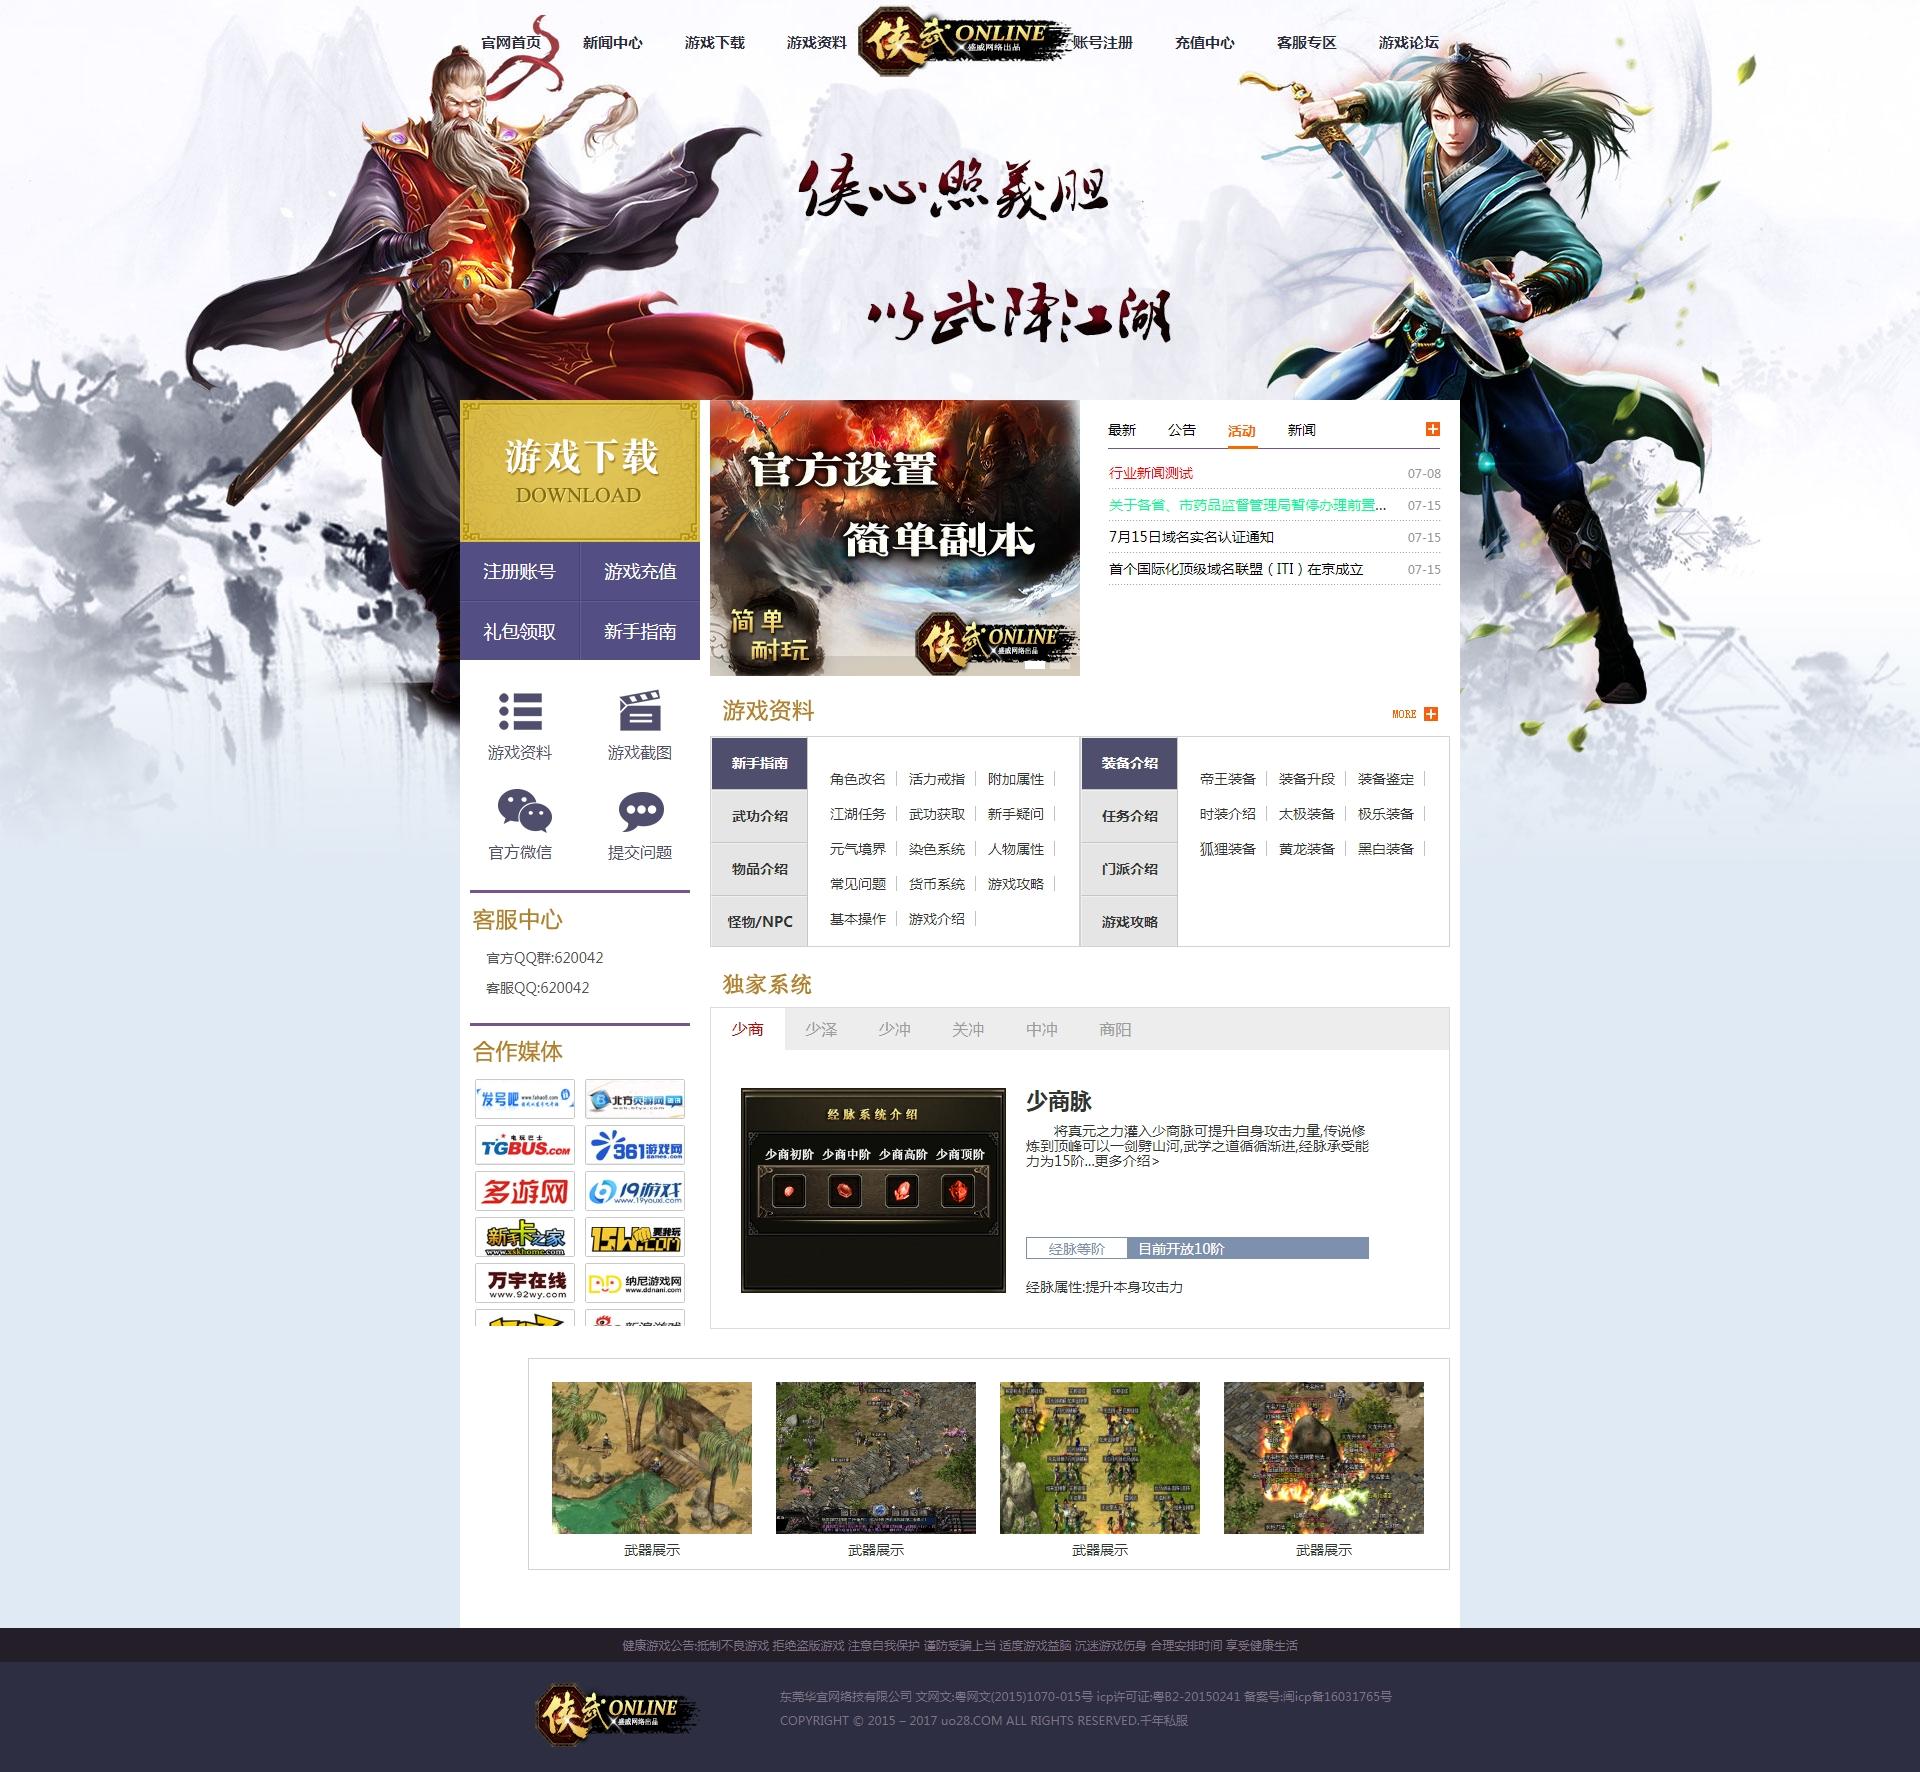 侠武online-千年网站源码 传奇ASP神途传奇网站源码模版官网 带后